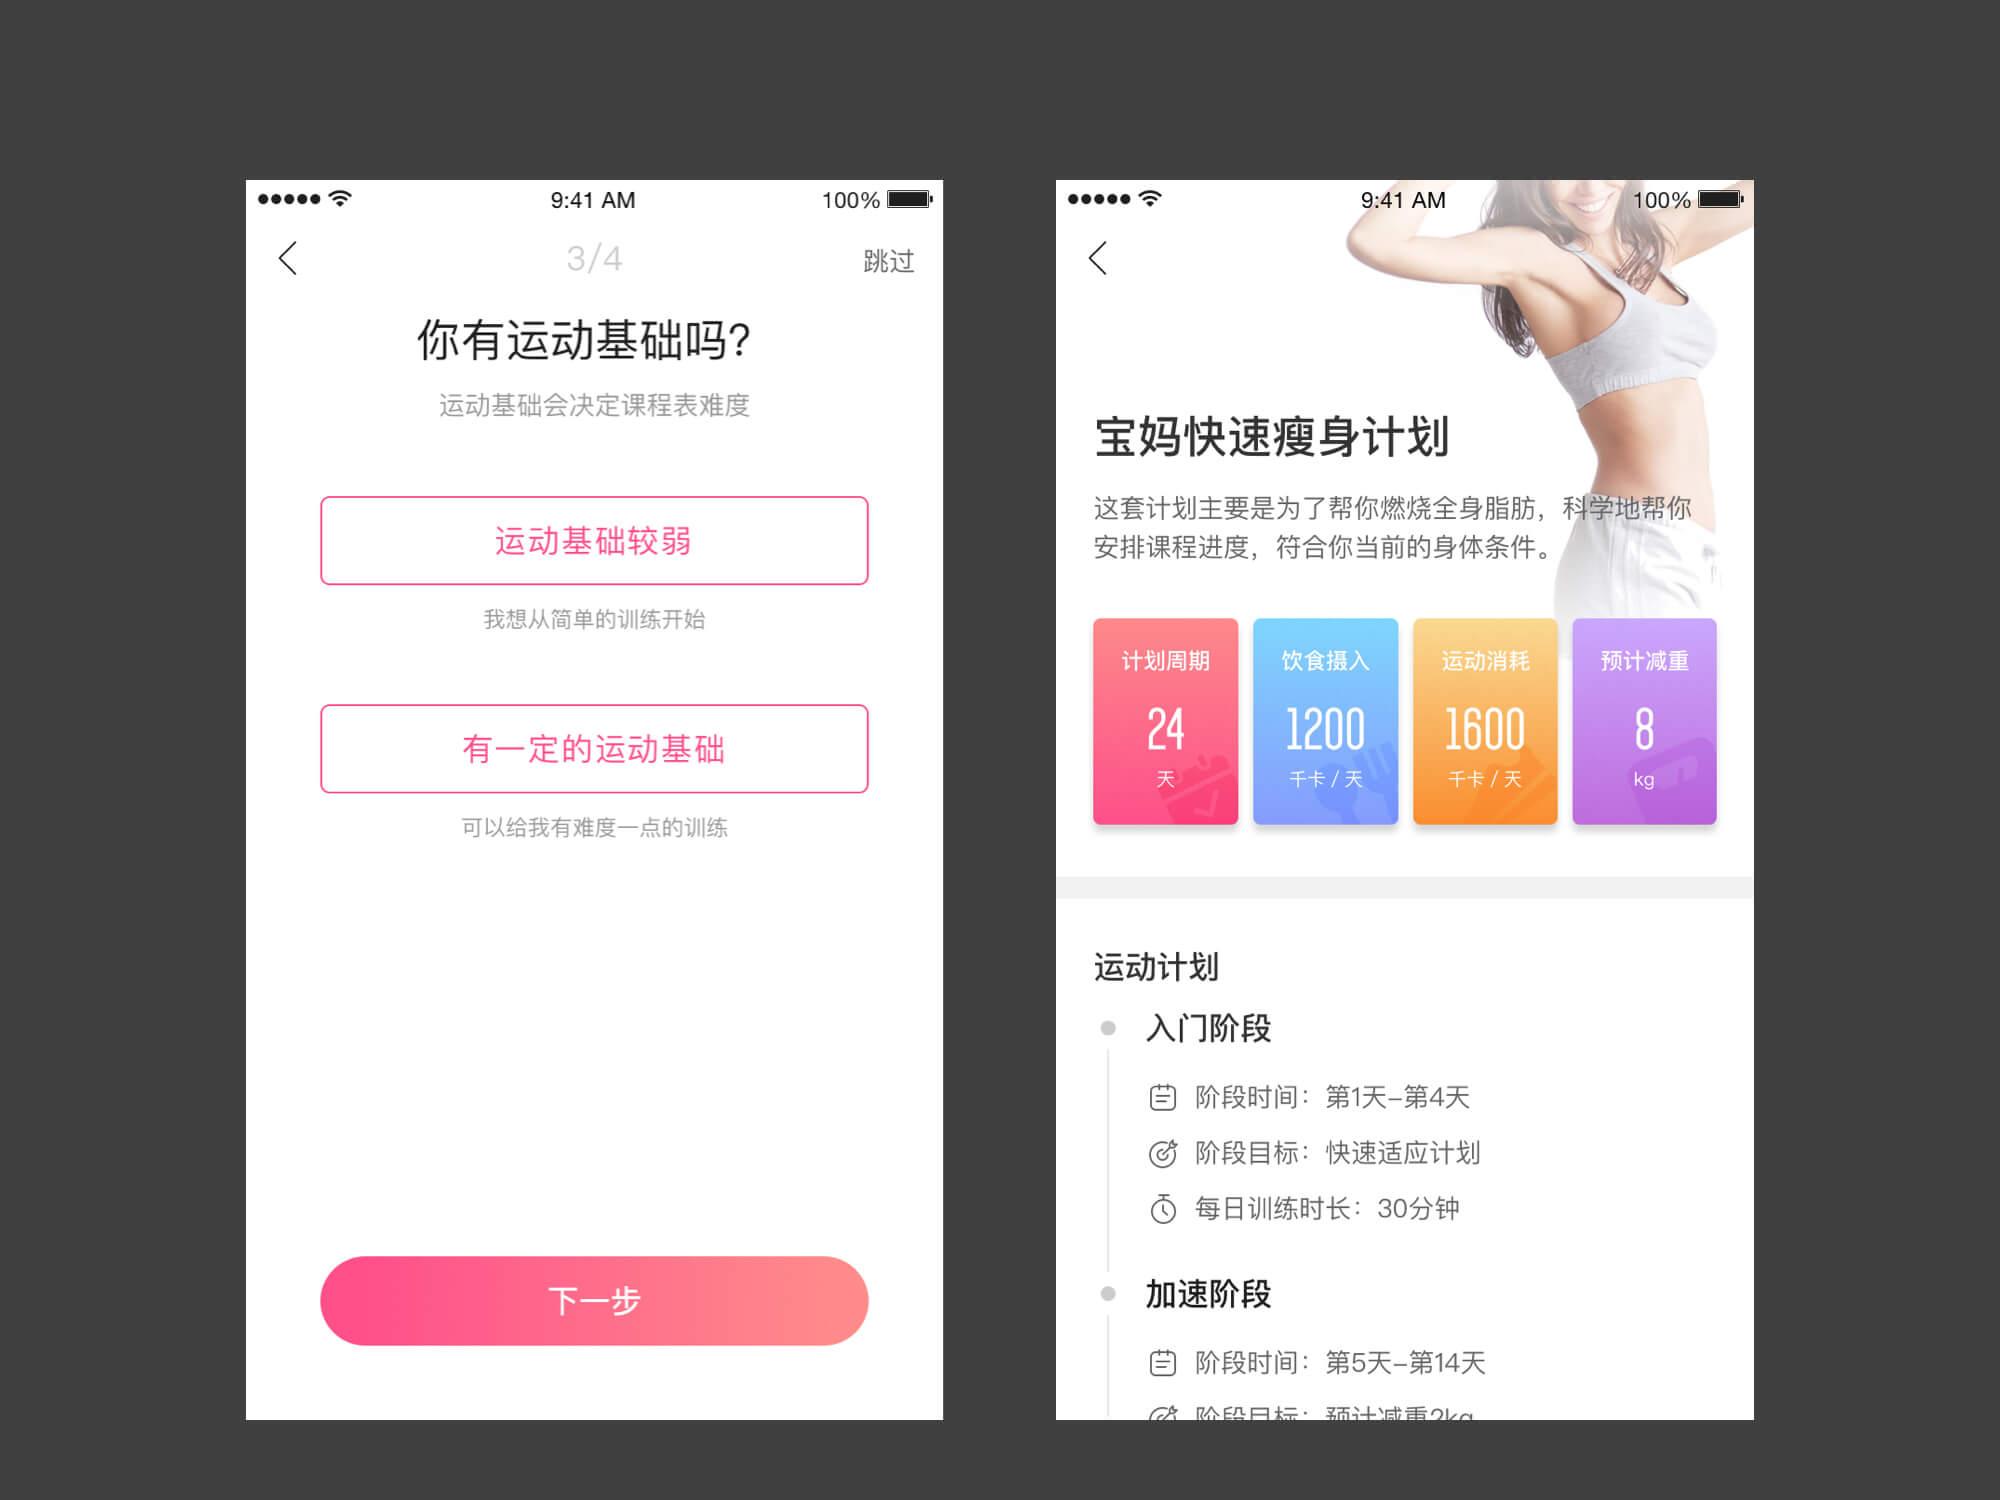 轻加_03 copy 27